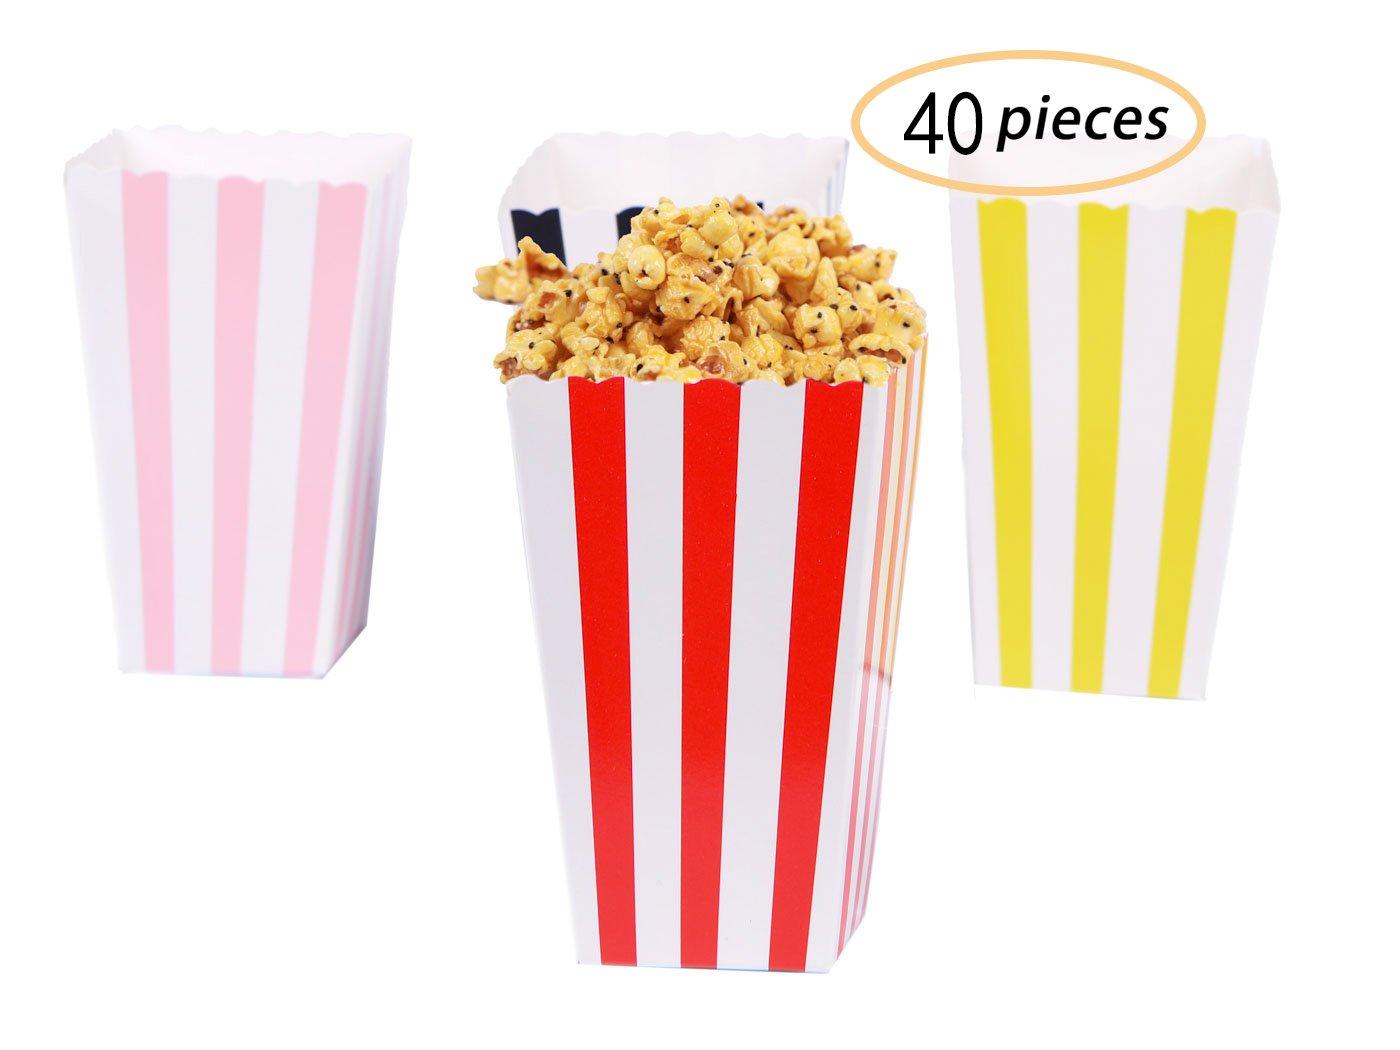 Yolito 40 pcs Mini Popcorn Box‐Striped Popcorn Paper Containers for Movie Night, Picnic,BBQ,Paty Favor(4color)